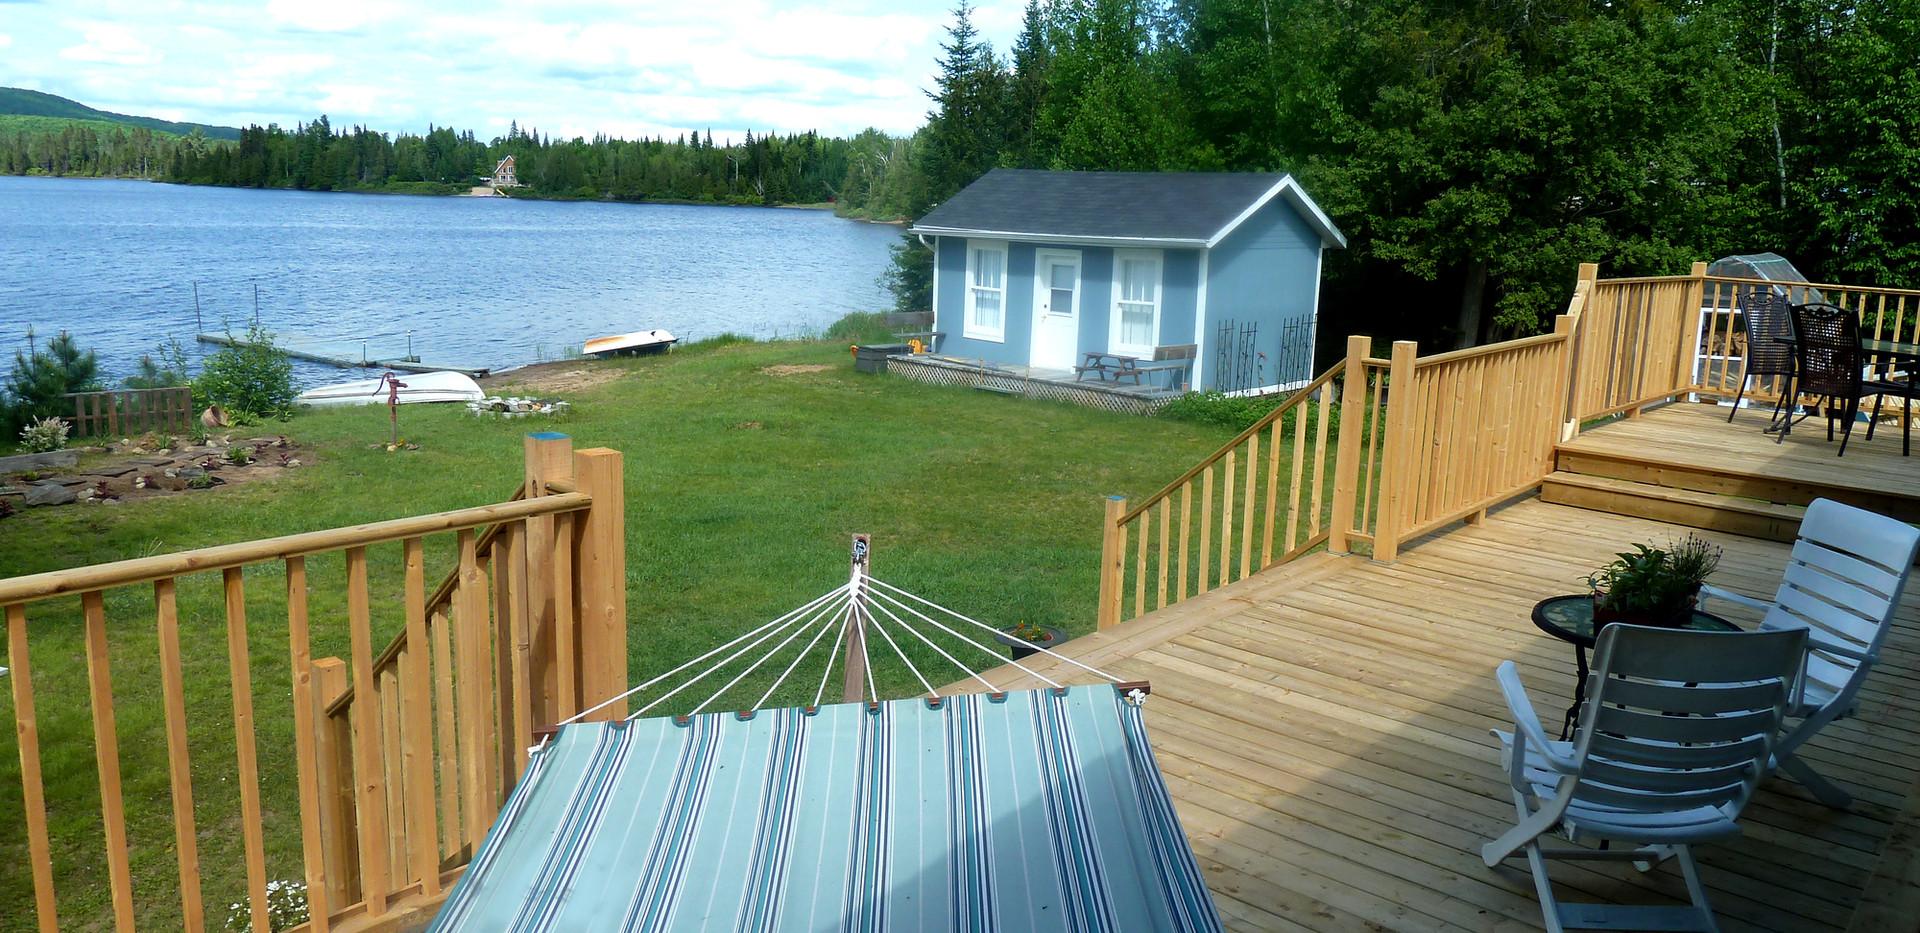 Chalet à louer au Québec | face au lac | 4 saisons Le Cocooning L'Ascension | Vérands, hammac et cabane à jardin